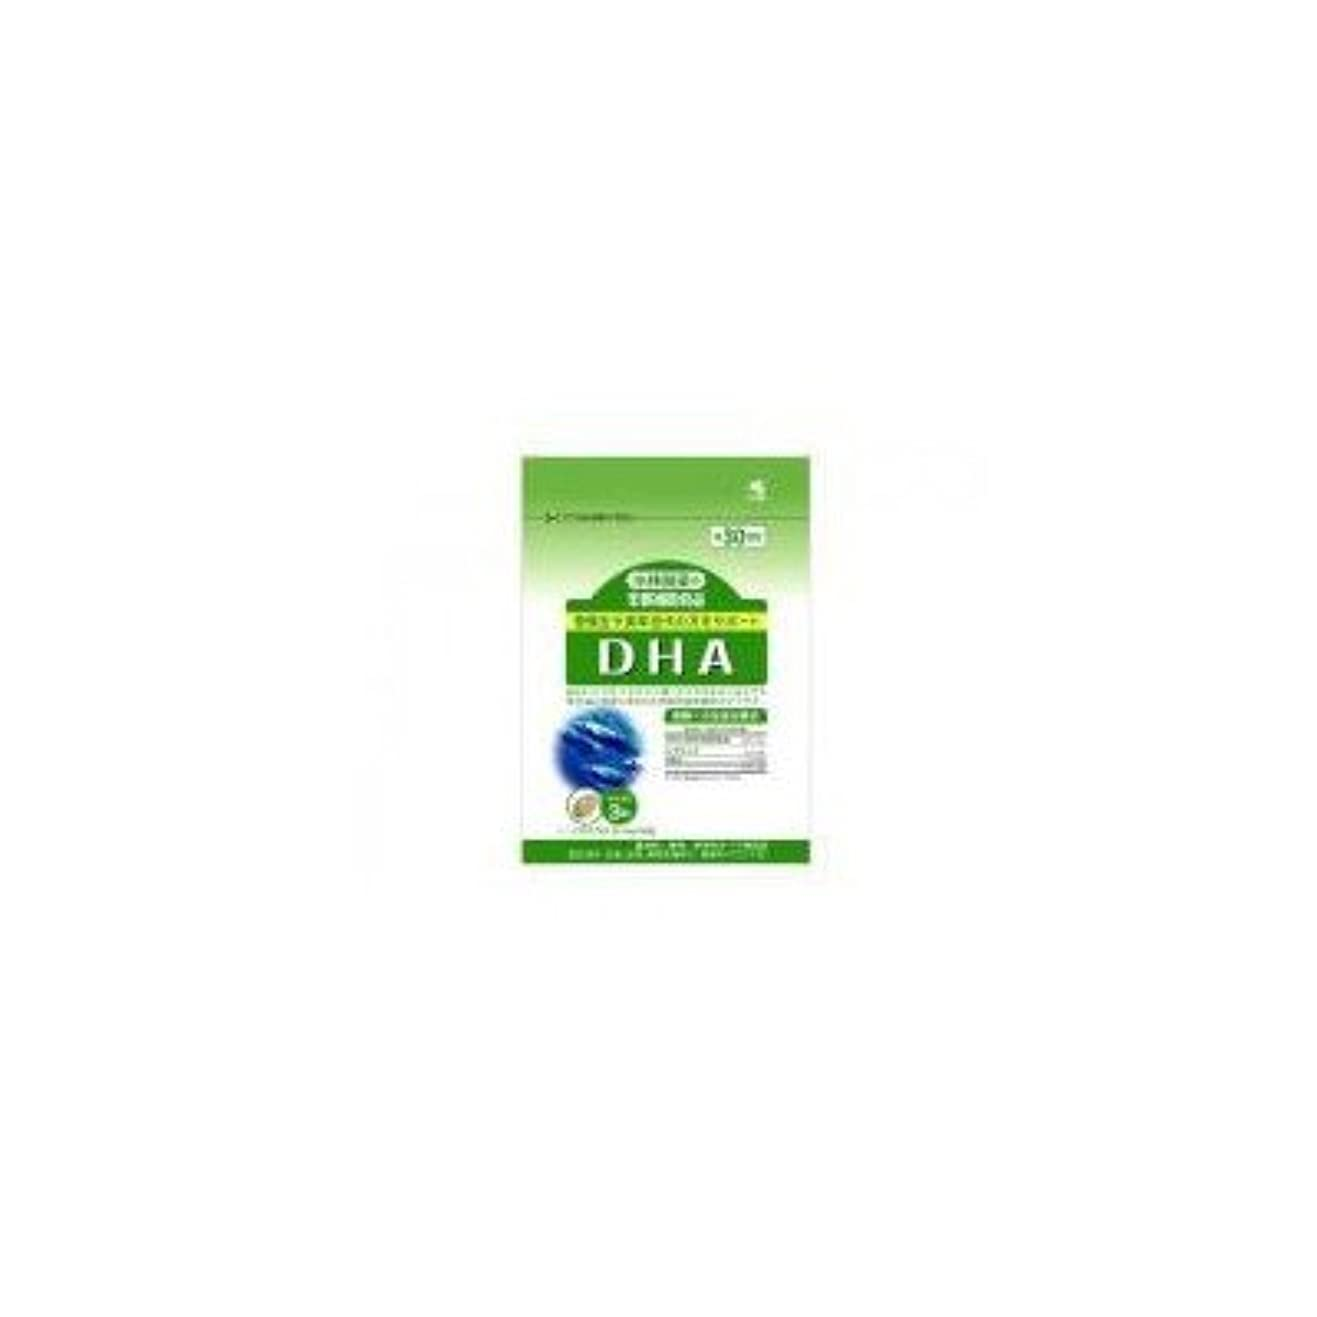 小林製薬の栄養補助食品 DHA(90粒 約30日分) 4セット